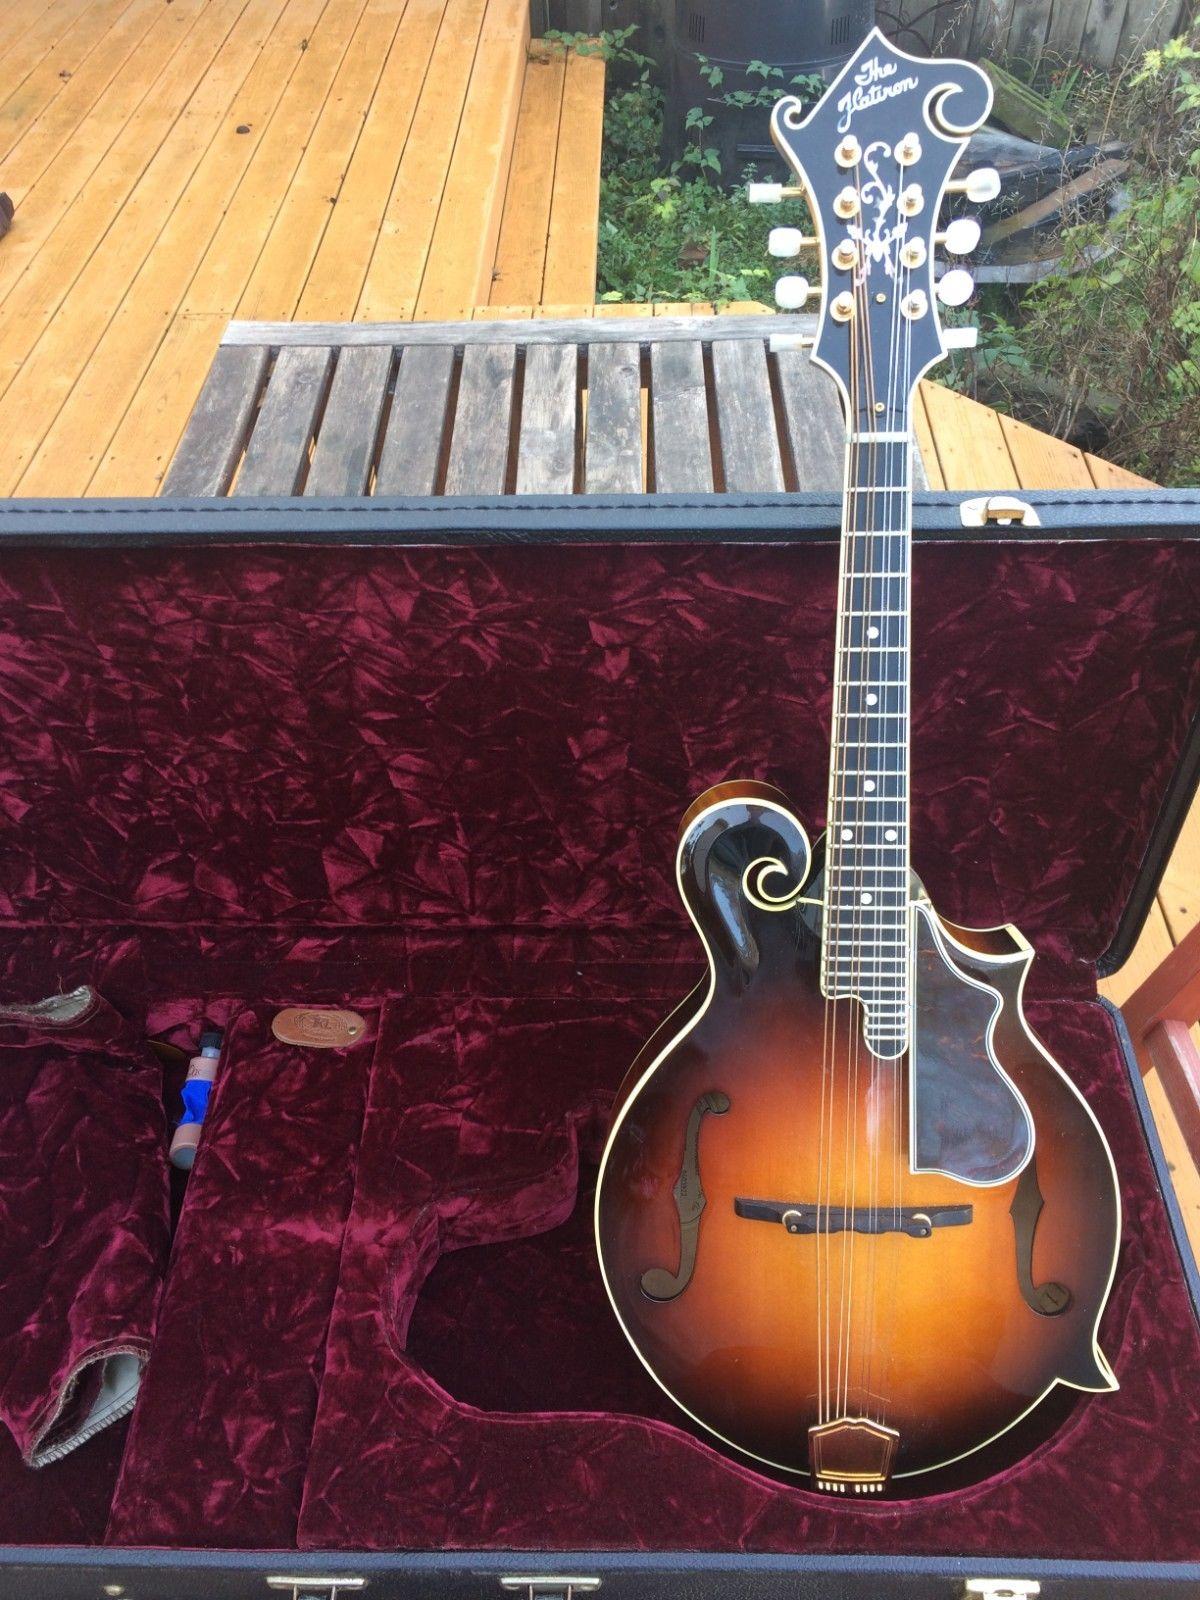 Flatiron F5 Artist 1994 Sunburst Mandolin w/ Original Case